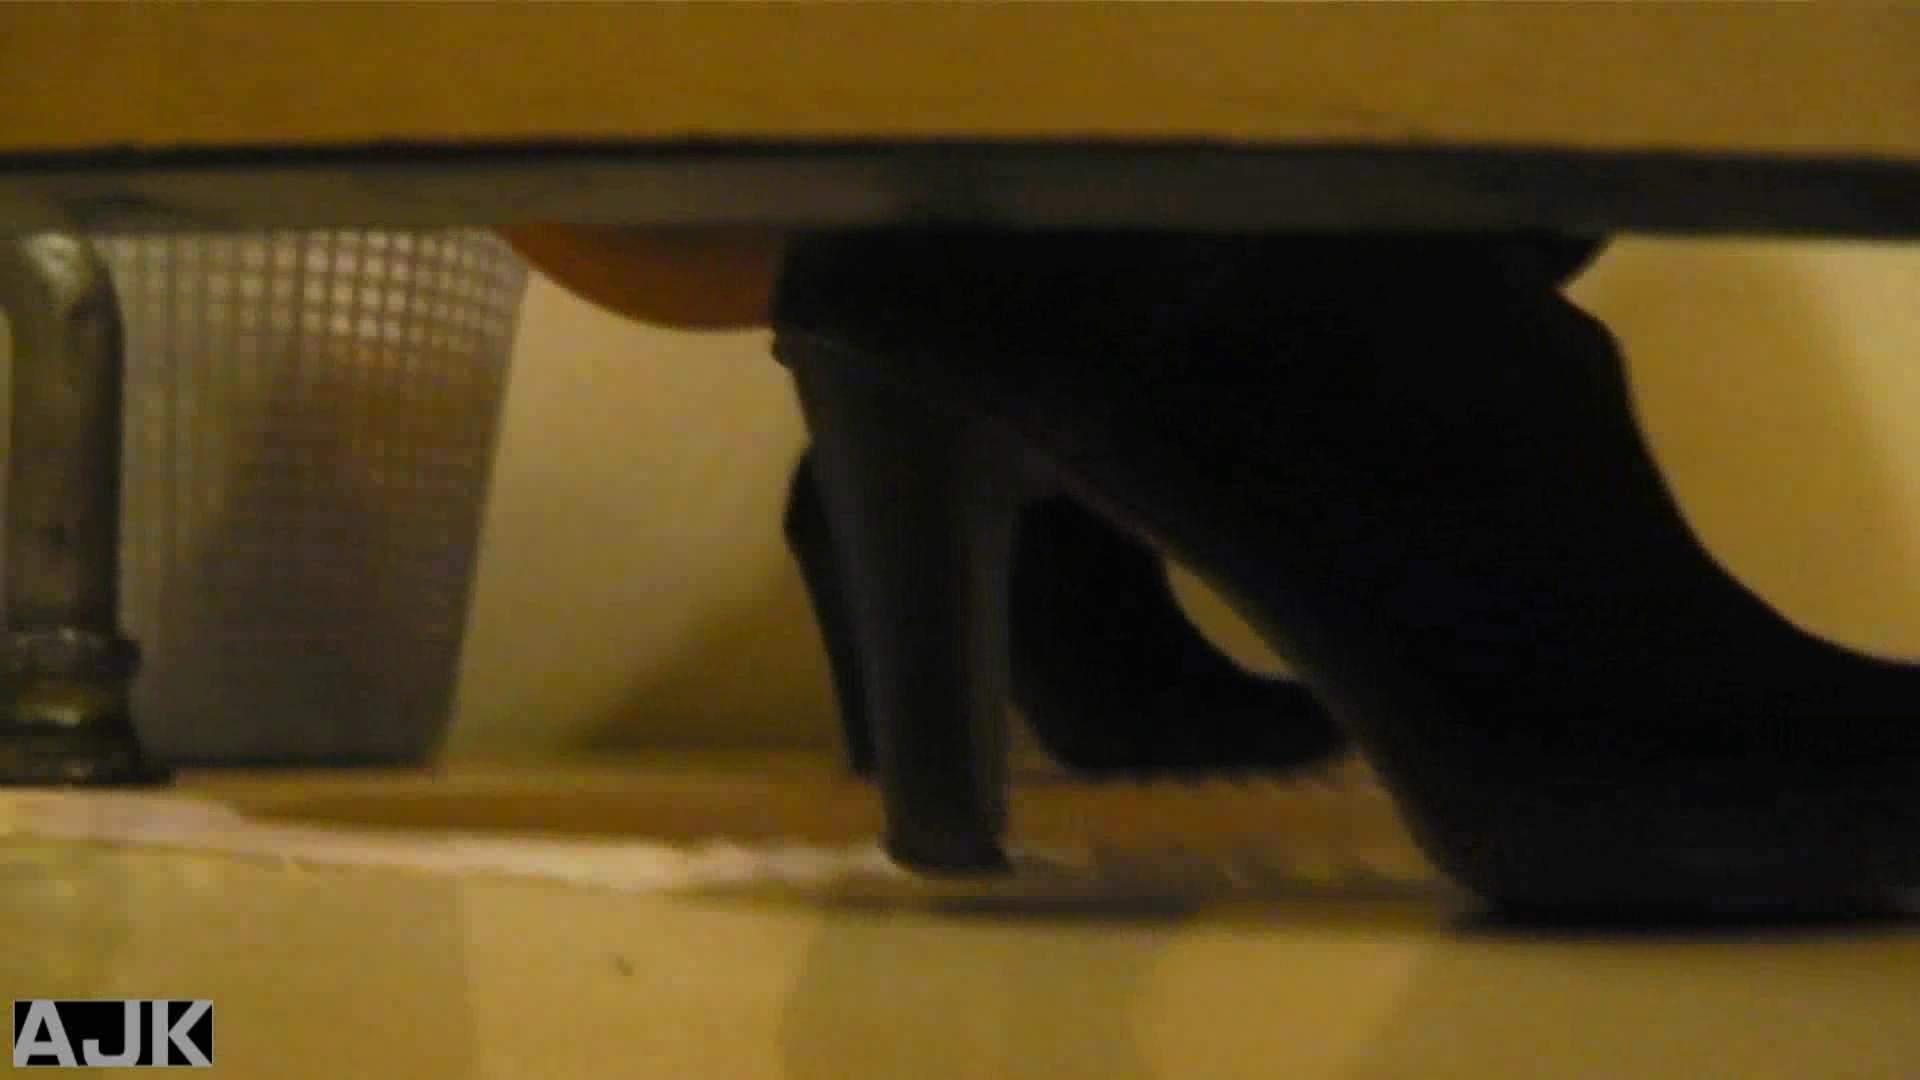 隣国上階級エリアの令嬢たちが集うデパートお手洗い Vol.26 OL  87pic 5